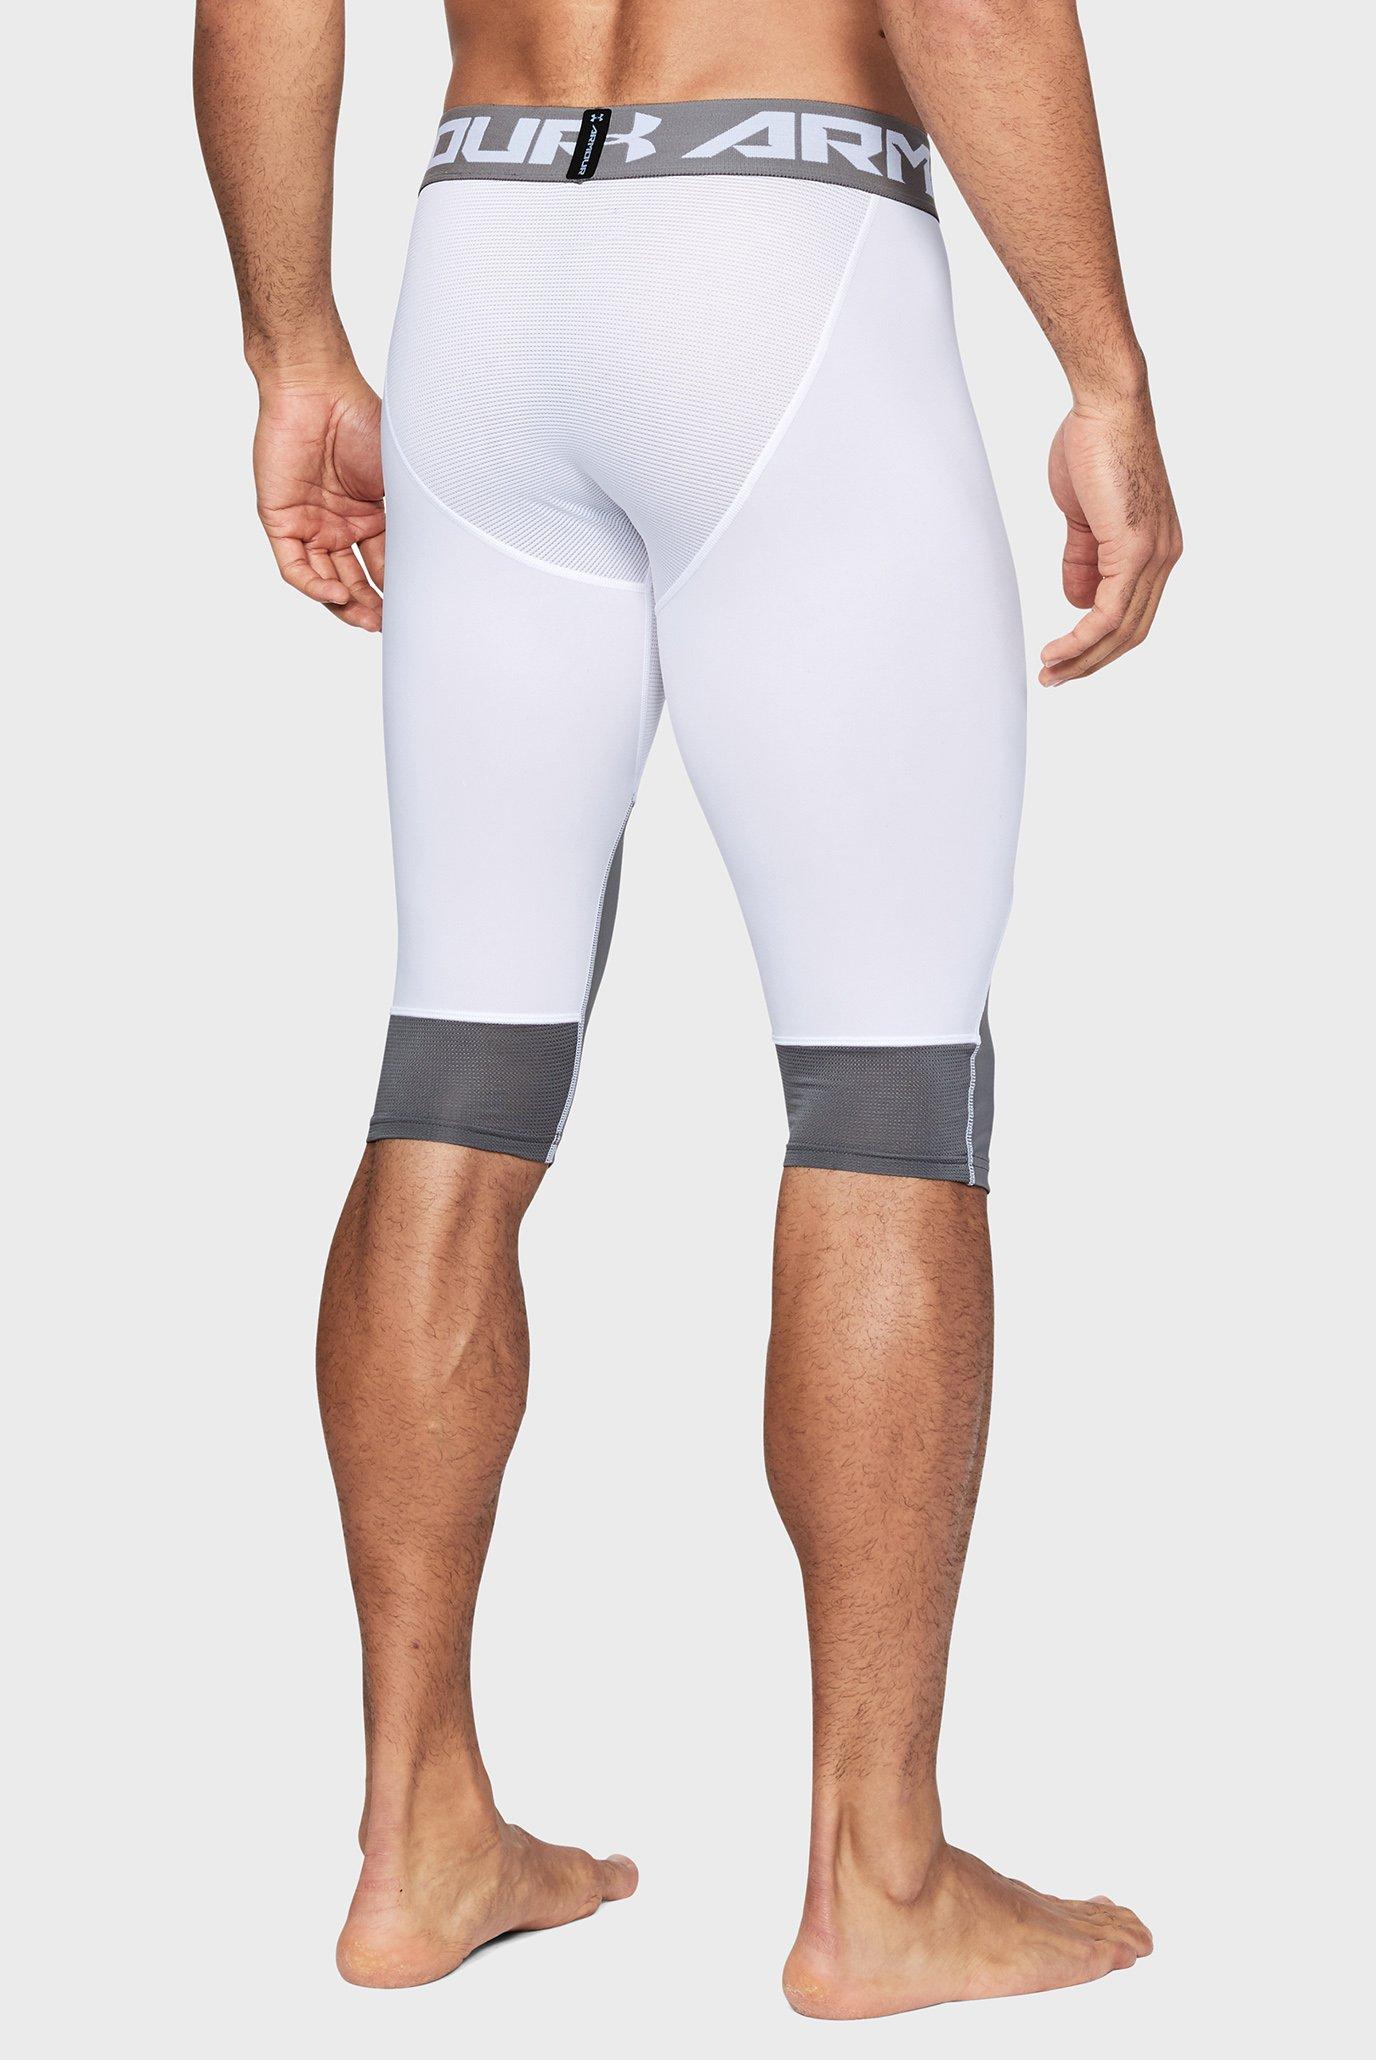 Купить Мужские белые тайтсы UA Select Knee Tight Under Armour Under Armour 1309846-100 – Киев, Украина. Цены в интернет магазине MD Fashion